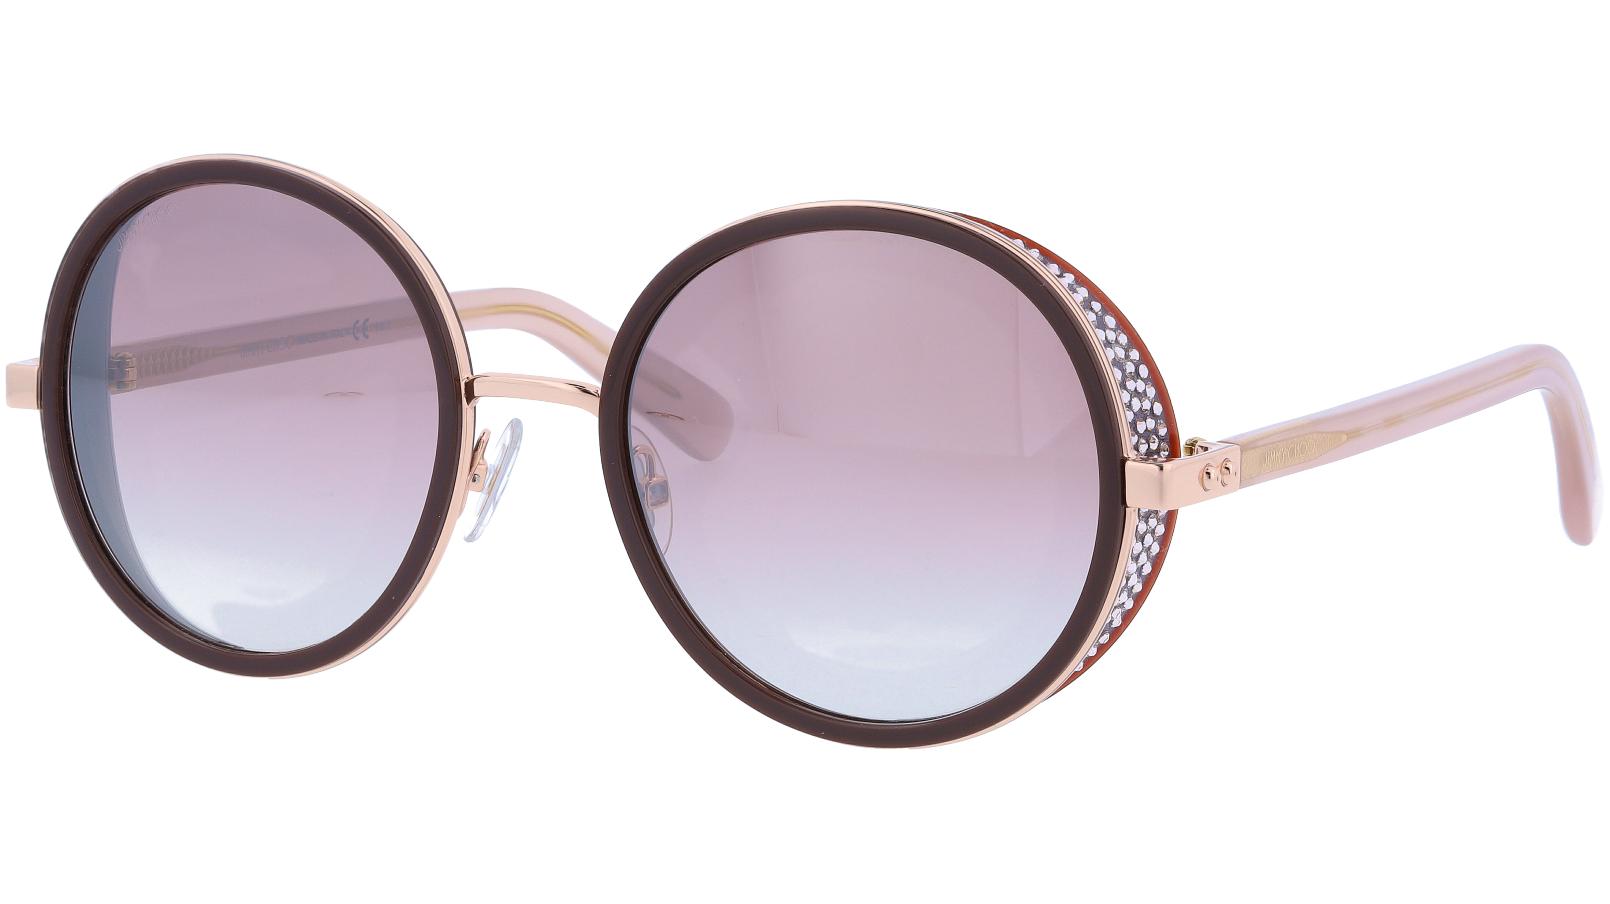 JIMMY CHOO ANDIENS OT7NQ 54 PLUM Sunglasses